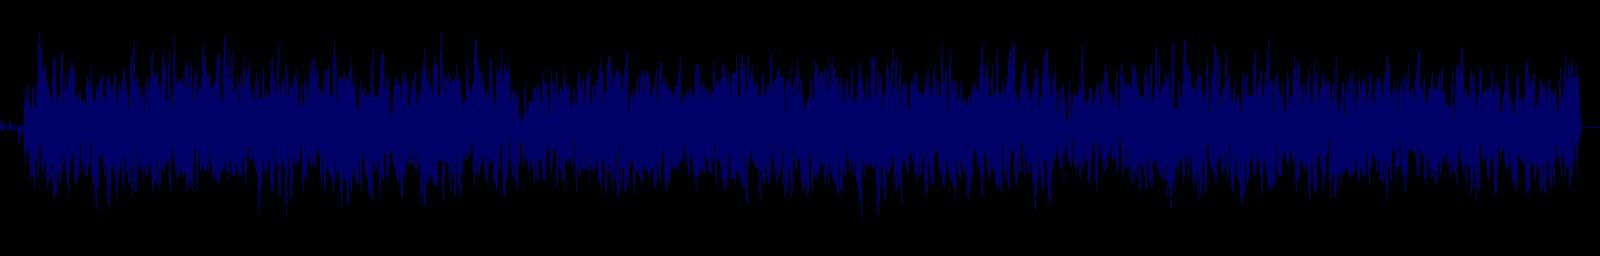 waveform of track #148606